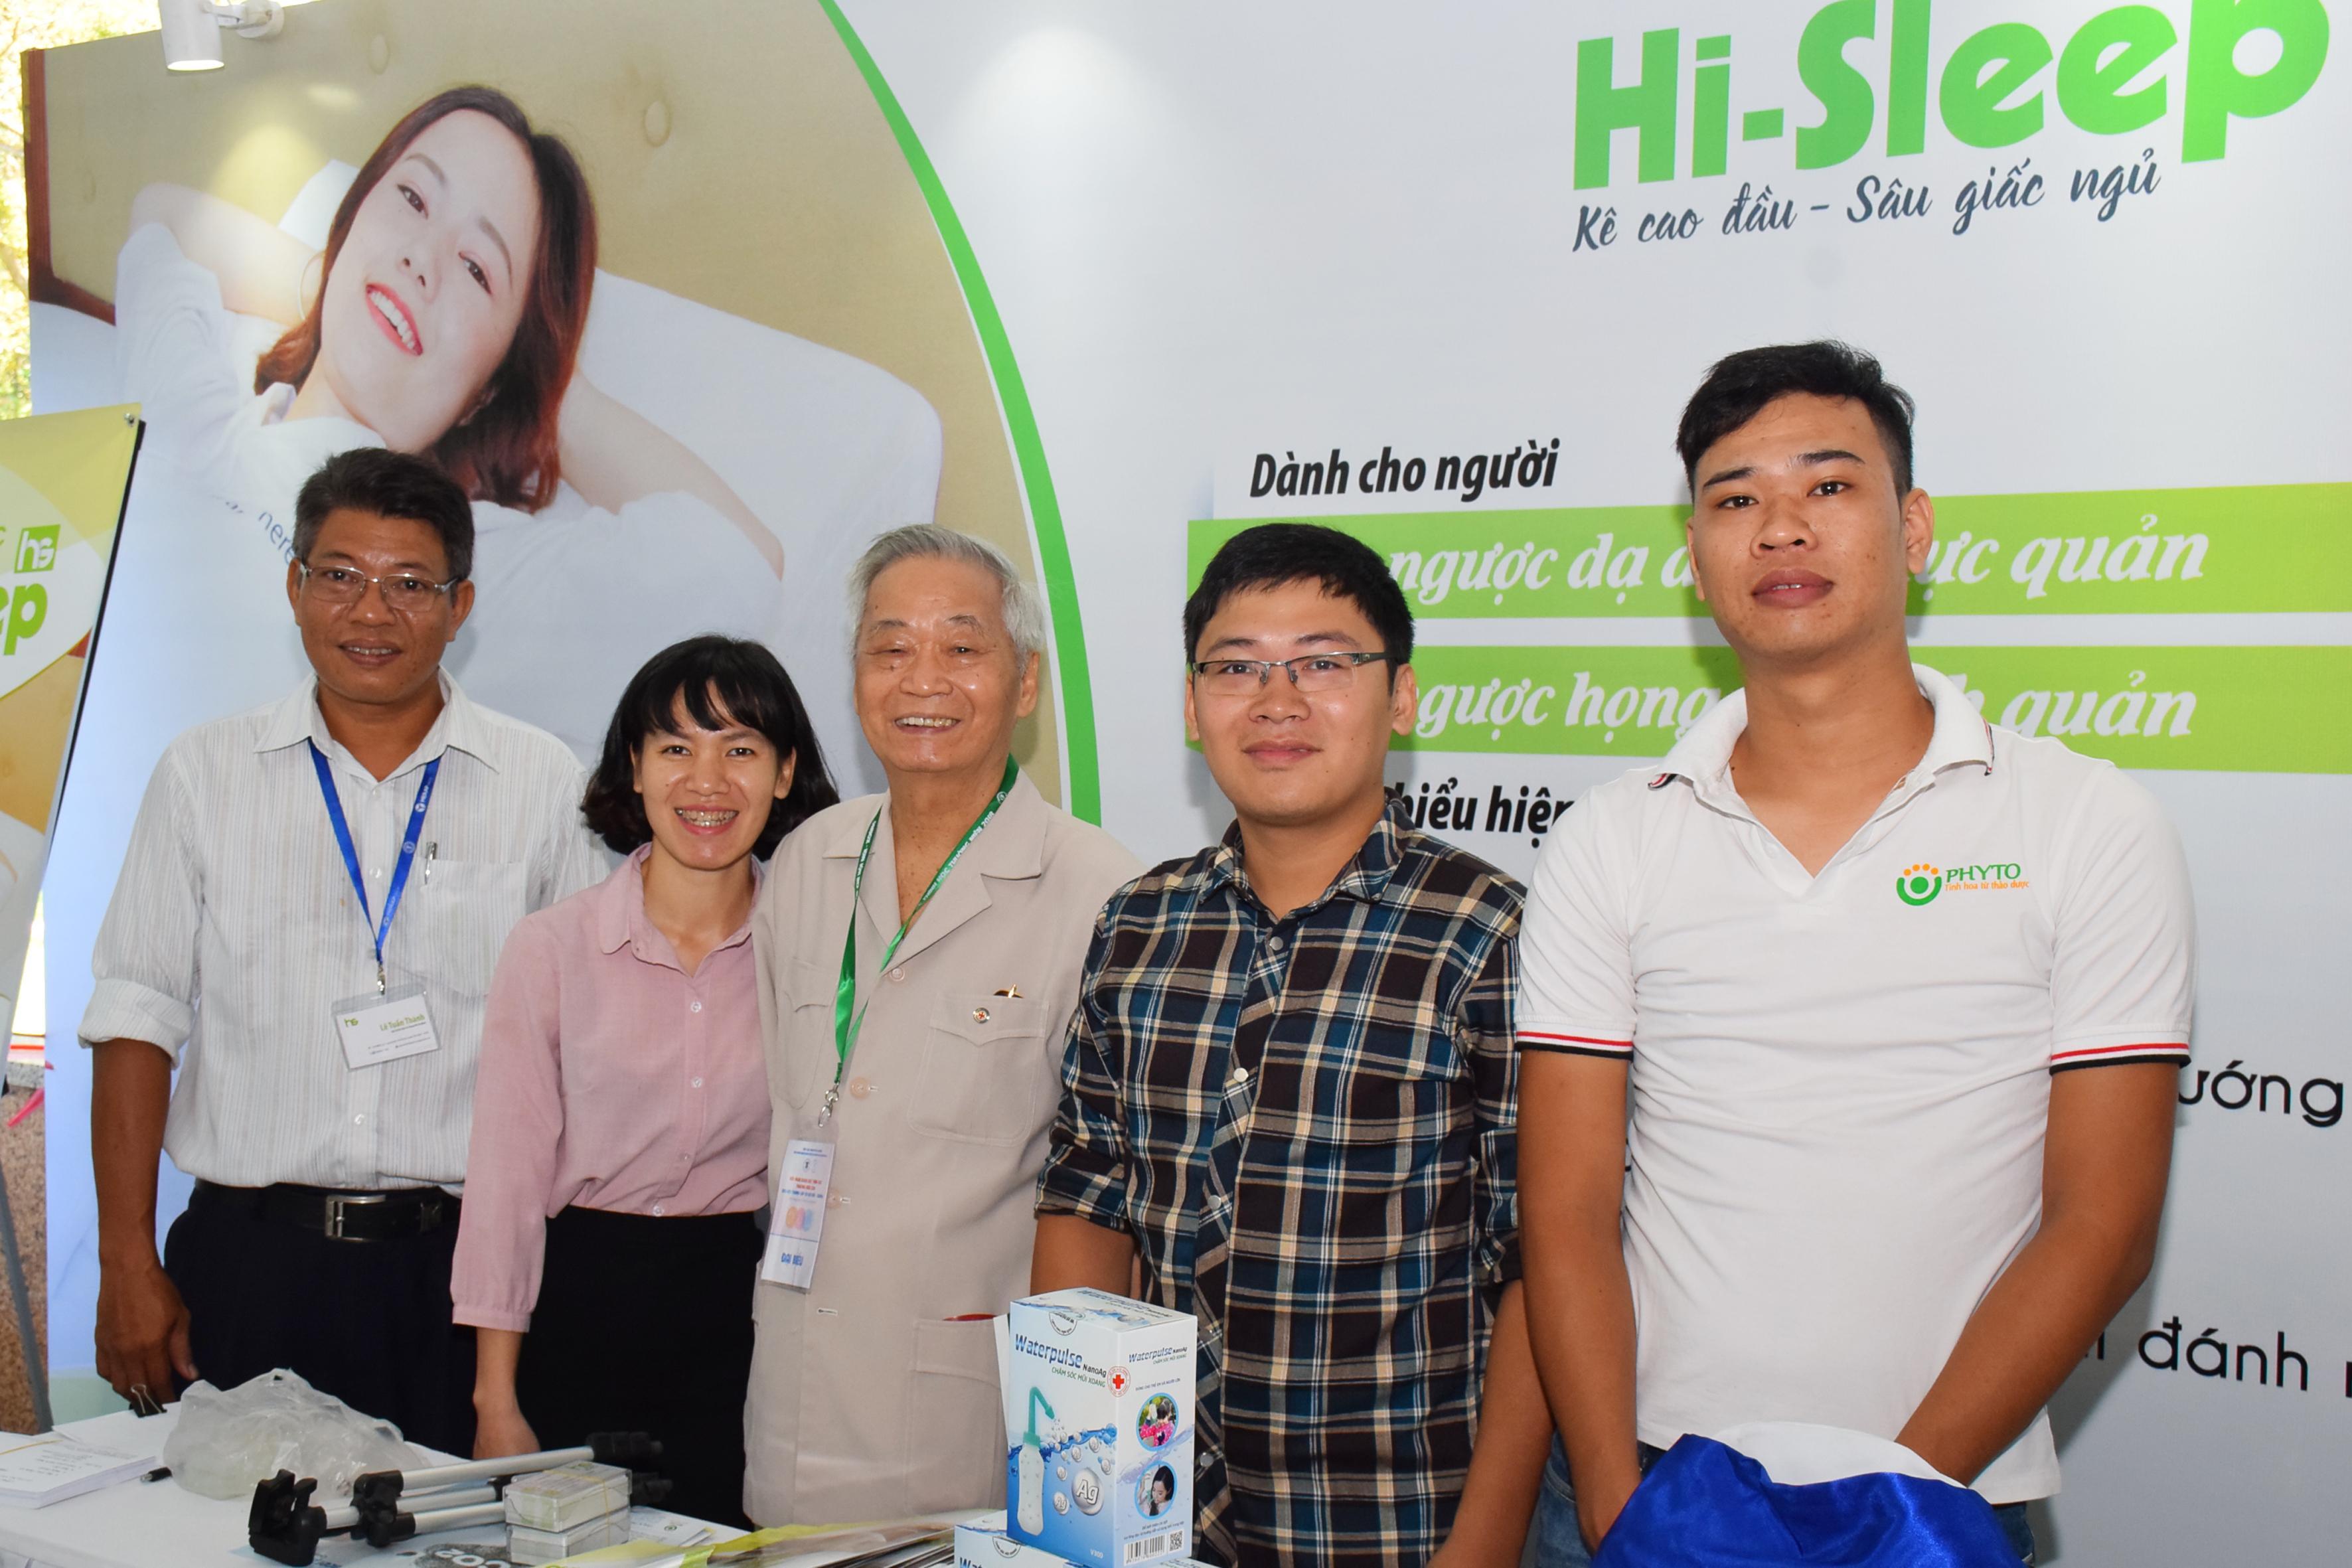 GS, TS Ngô Ngọc Liễn - Nguyên Chủ tịch Hội Tai Mũi Họng Hà Nội và các tỉnh phía Bắc, nguyên Trưởng Bộ môn Tai Mũi Họng Đại học Y Hà Nội hết sức ủng hộ sản phẩm gối nêm Hi-Sleep